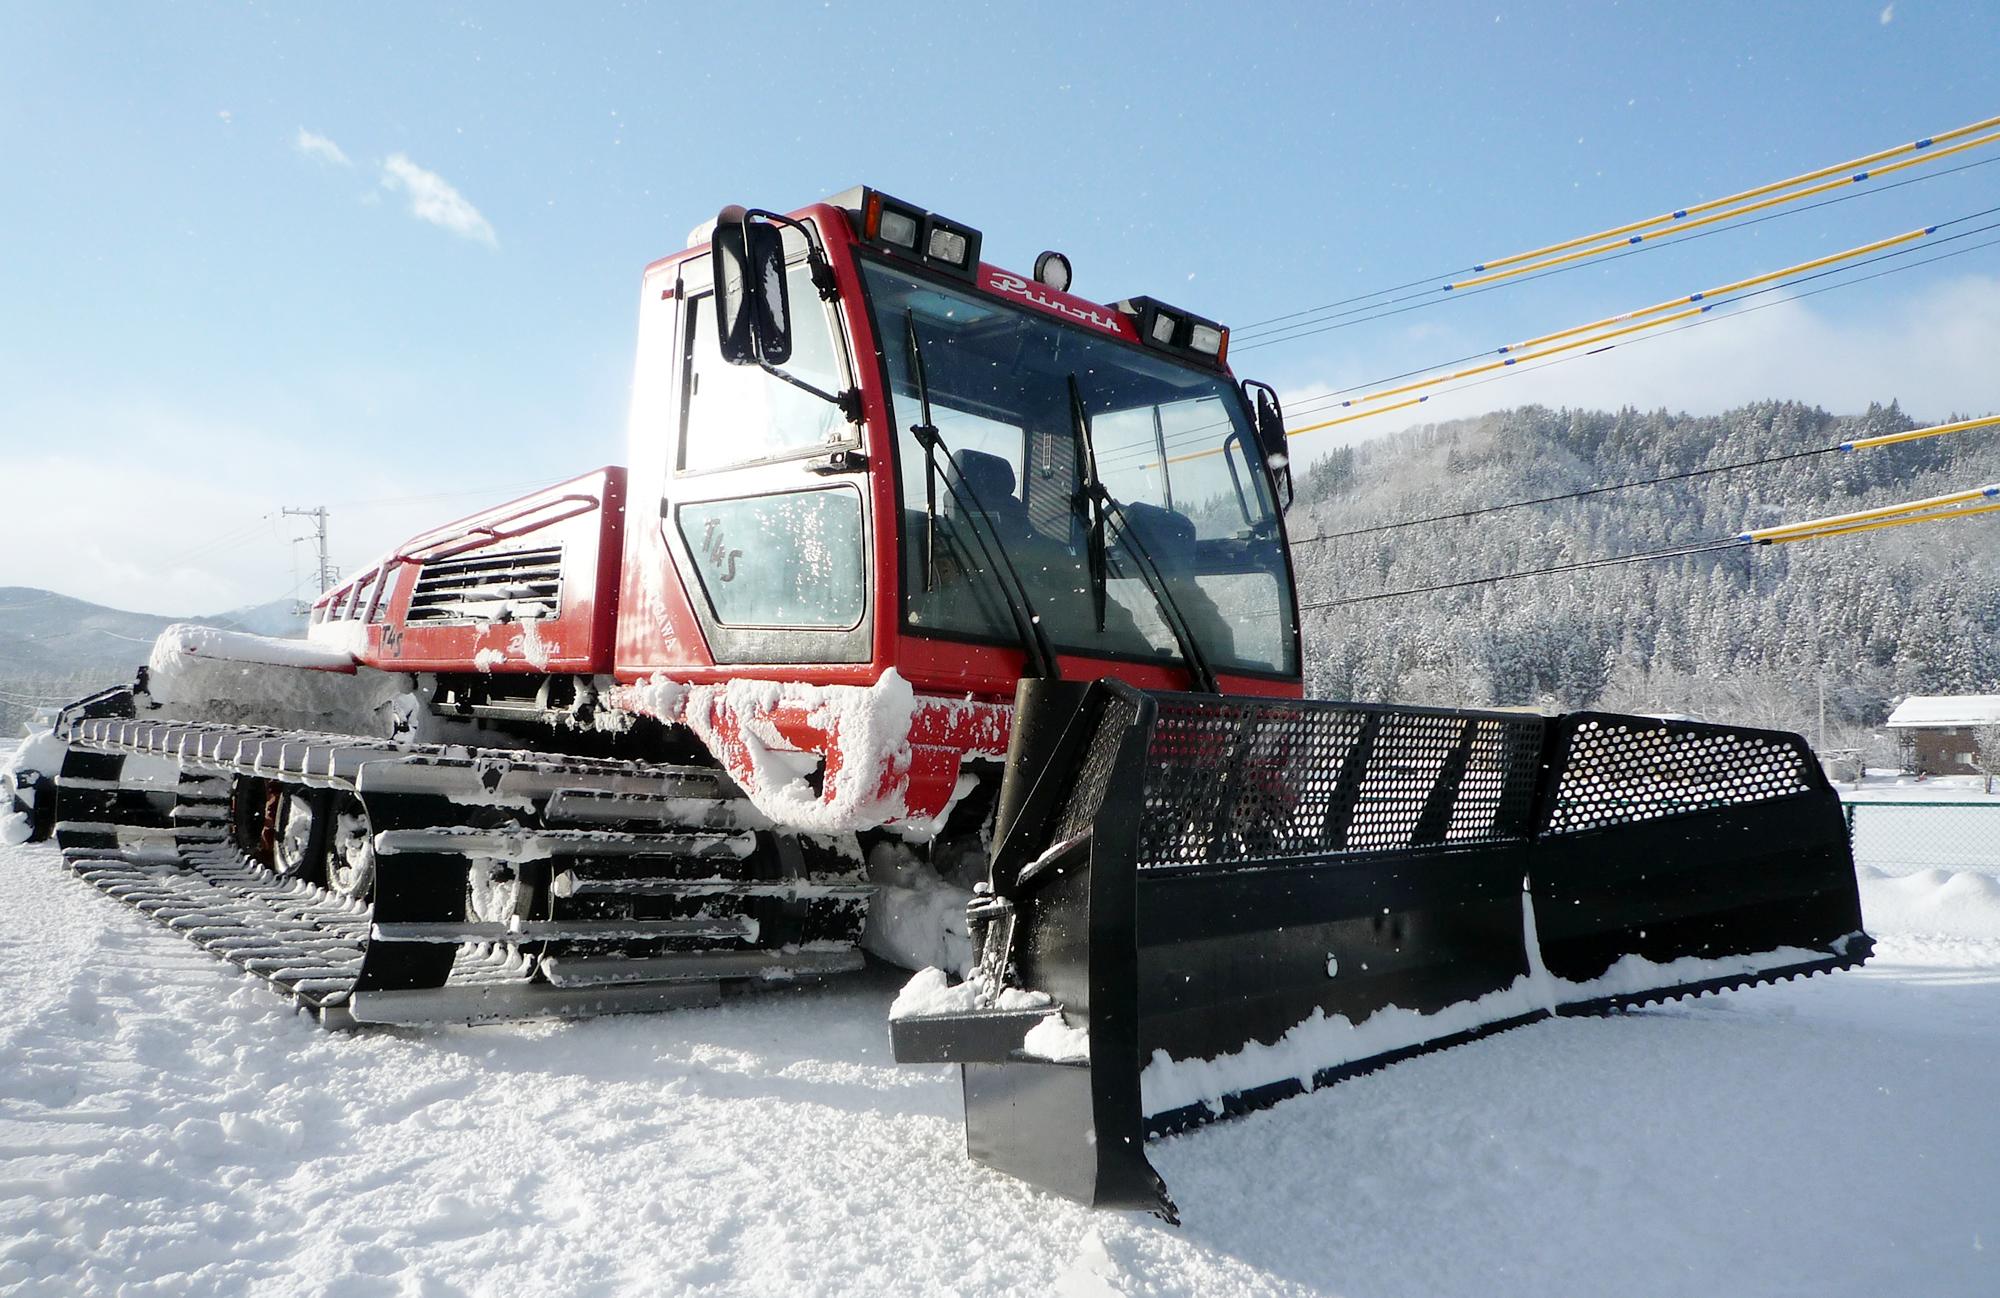 スキー場 005